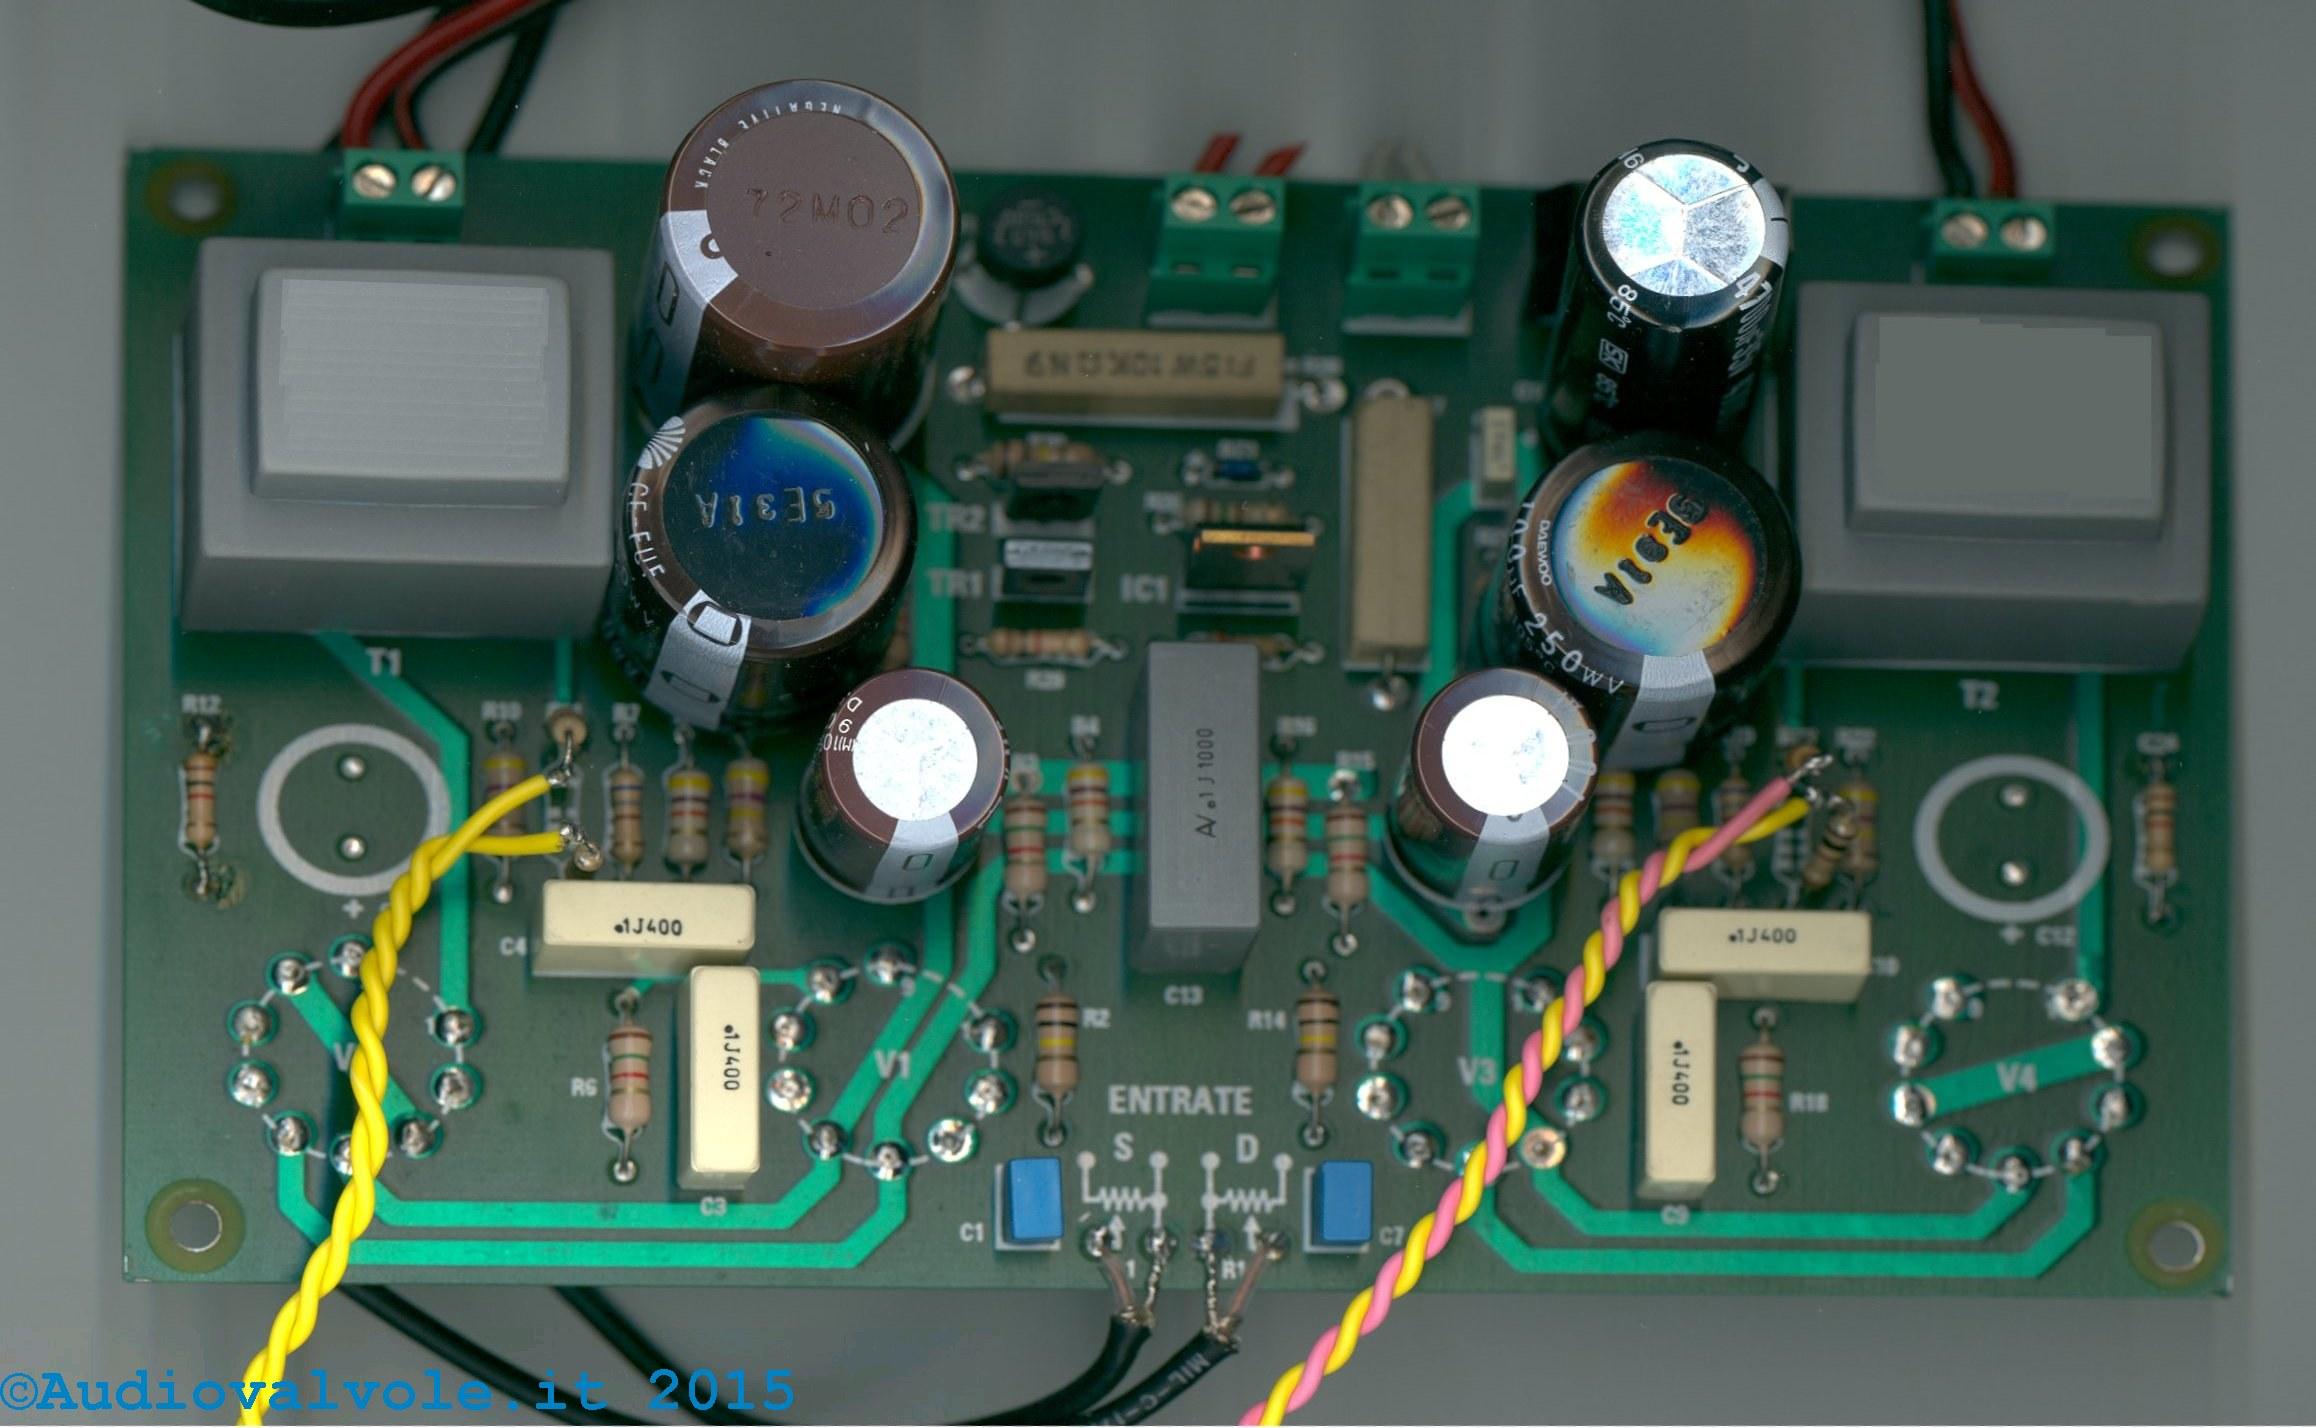 Schemi Elettrici Kit Nuova Elettronica : Studio di un caso reale amplificatore valvolare per cuffia